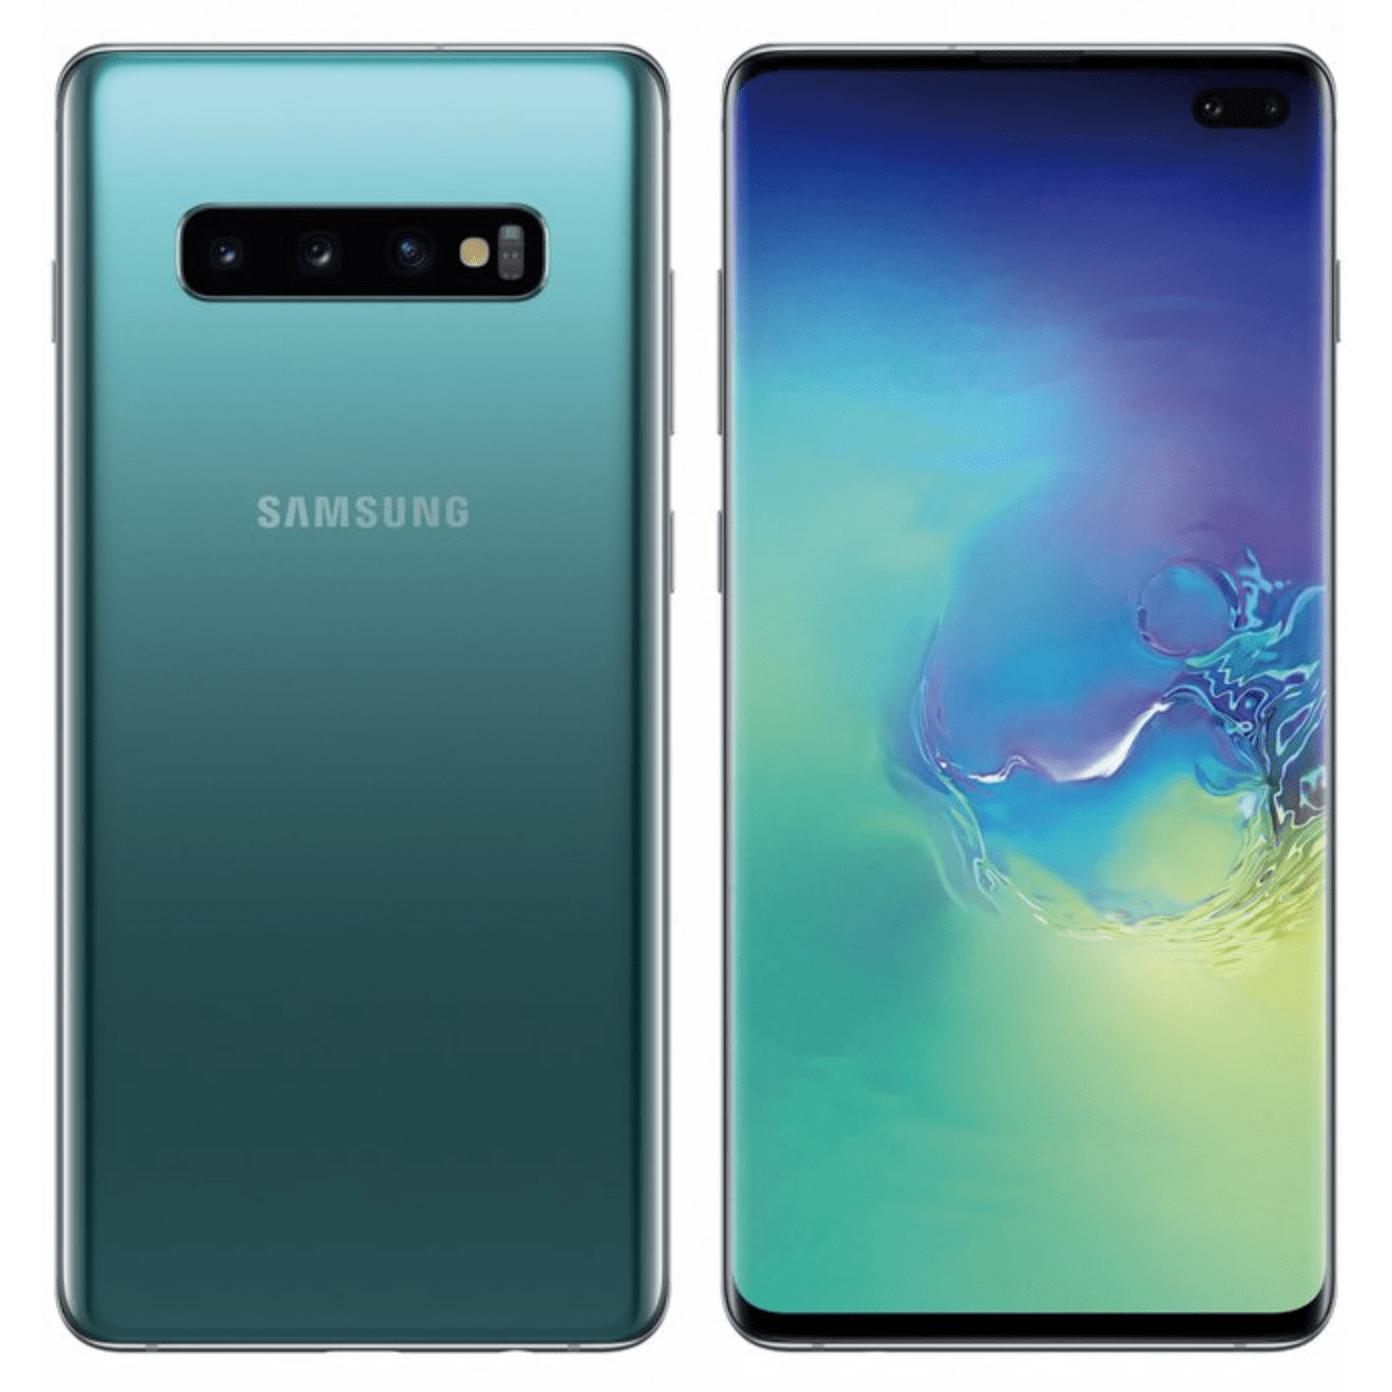 Samsung Galaxy S10 Plus (topowa wersja z podwójnym aparatem z przodu).